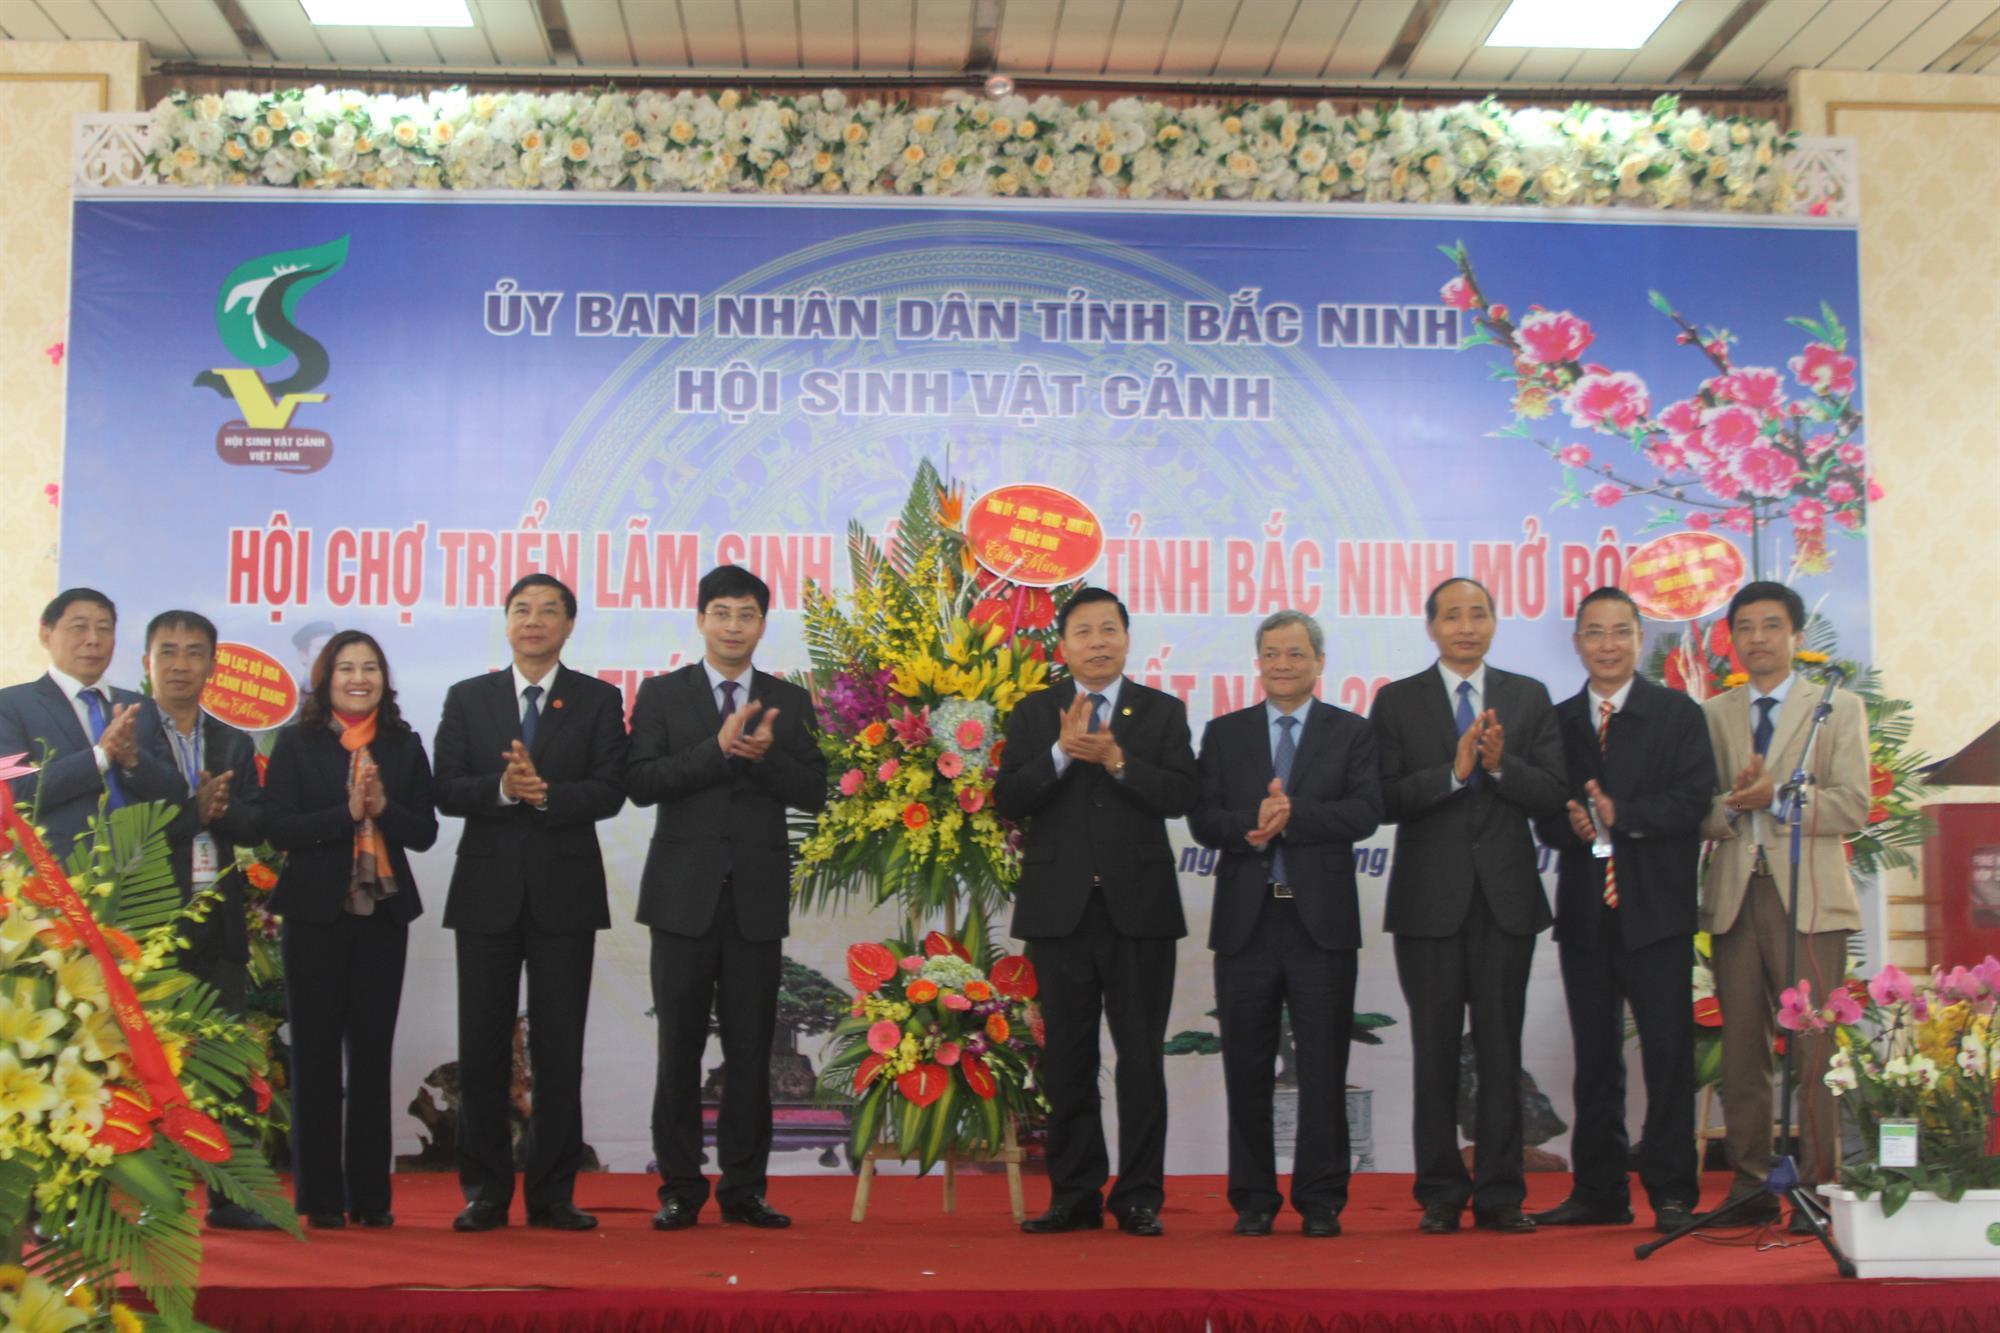 Khai mạc Hội chợ triển lãm Sinh vật cảnh tỉnh Bắc Ninh mở rộng  lần thứ XXI xuân Mậu Tuất 2018